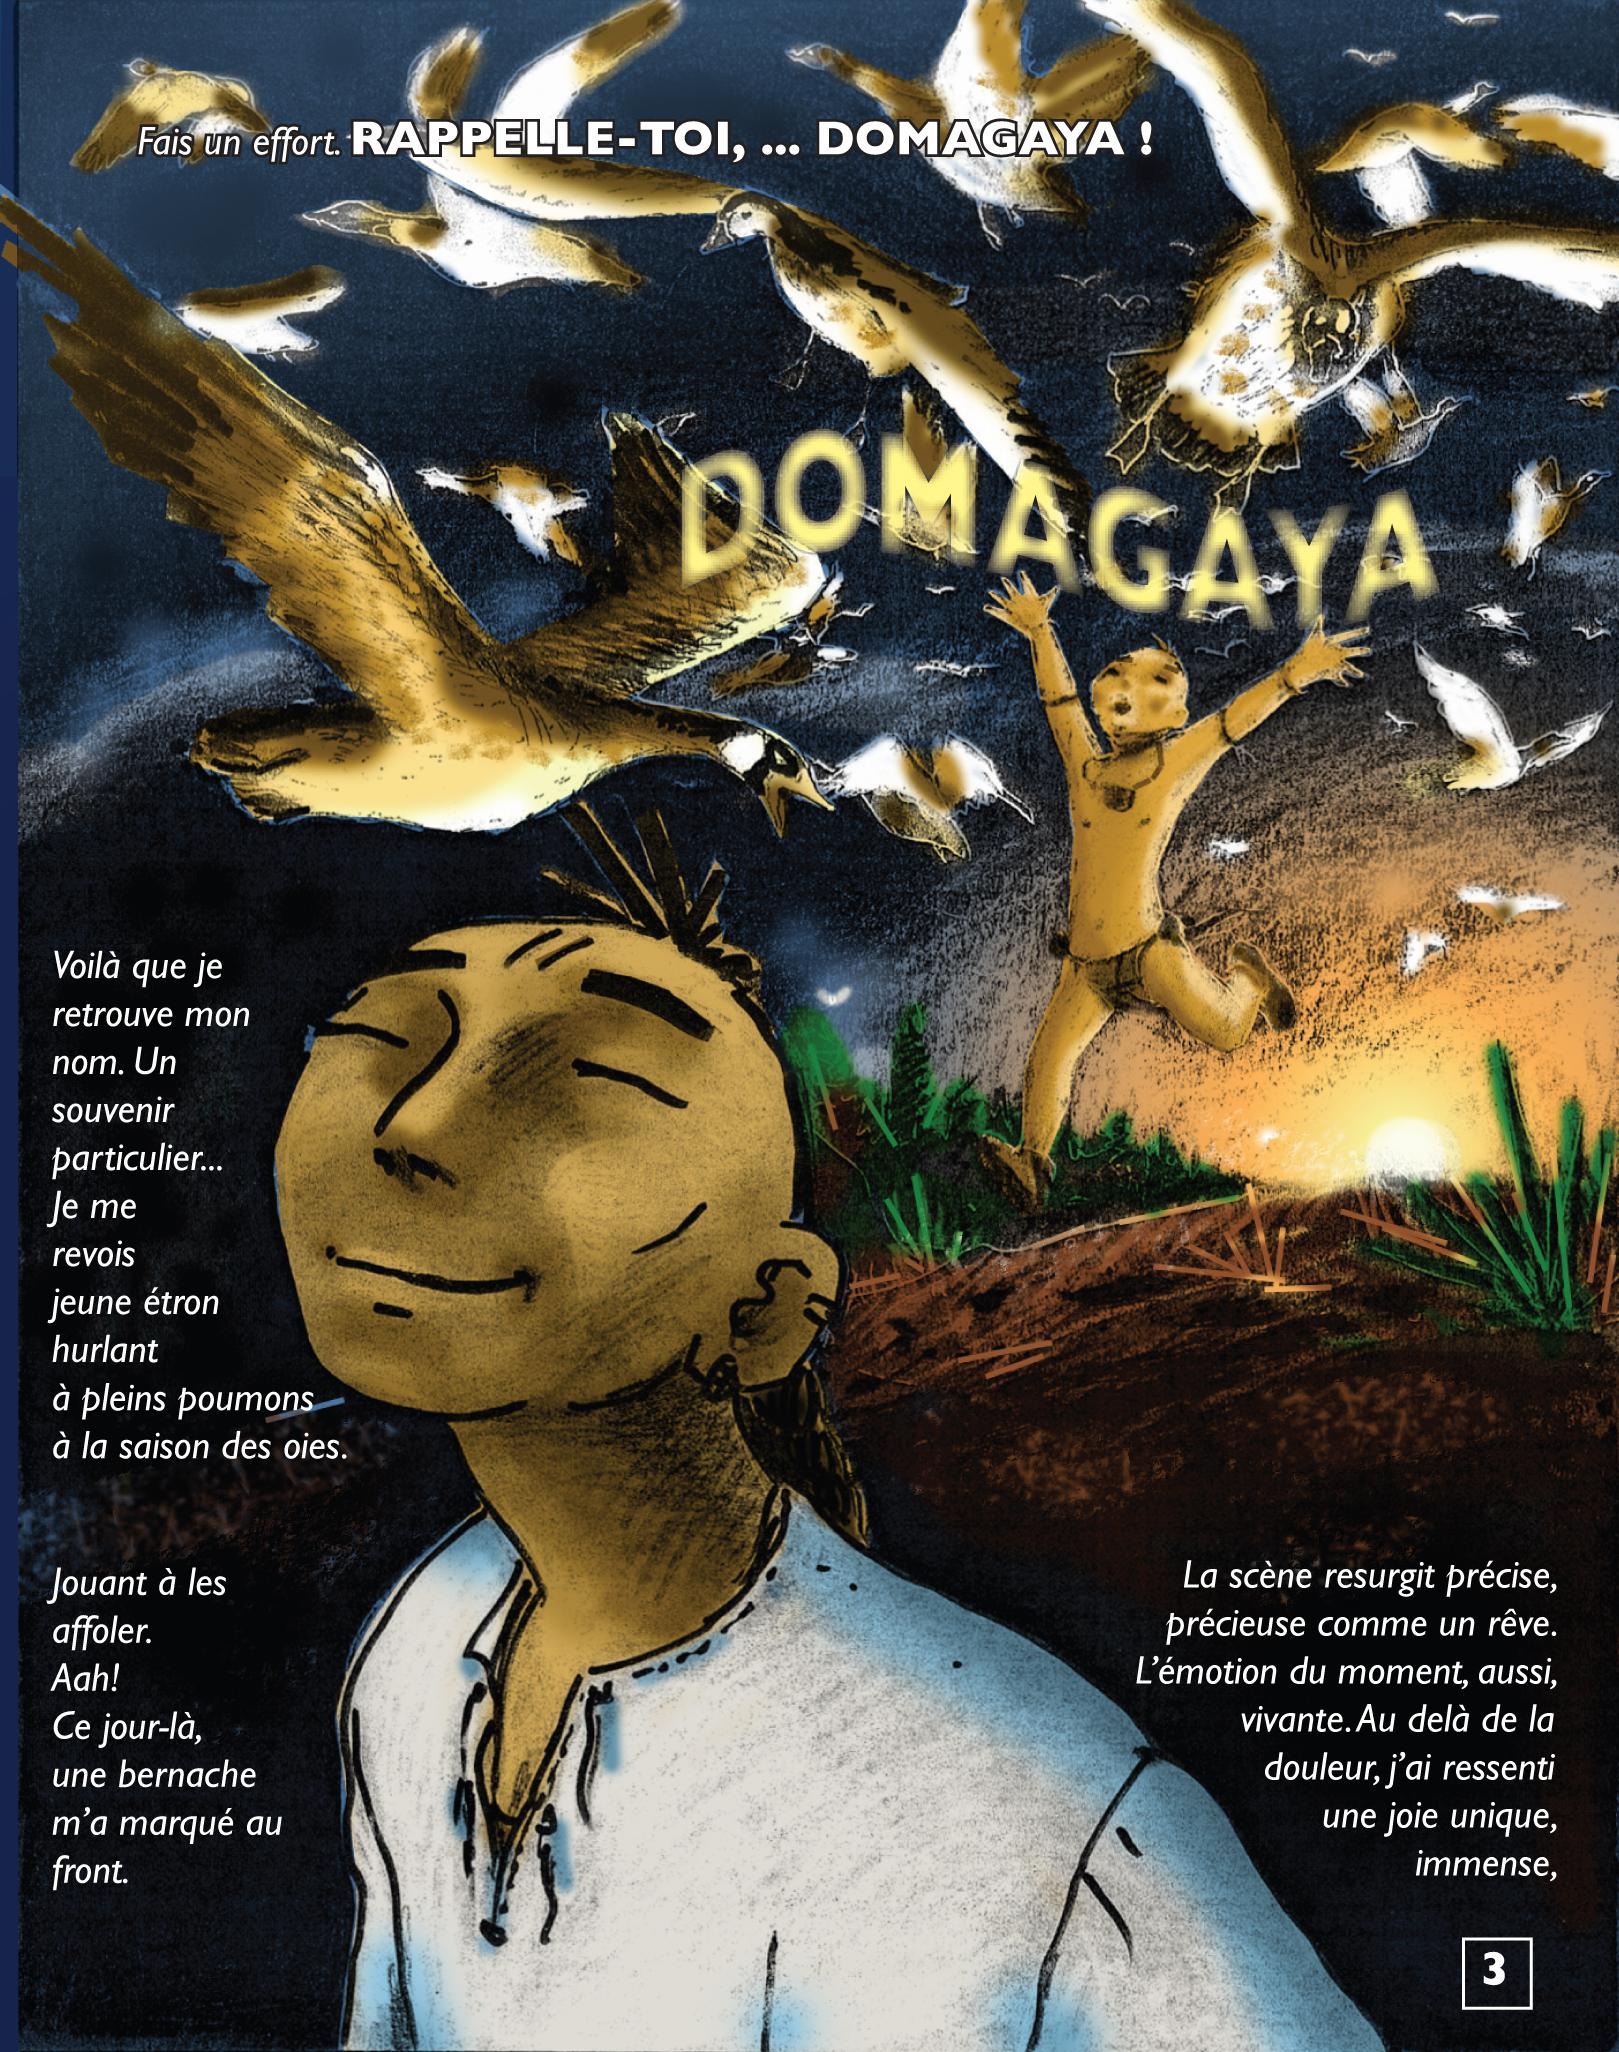 domagaya---vol1-image-3_4254990589_o